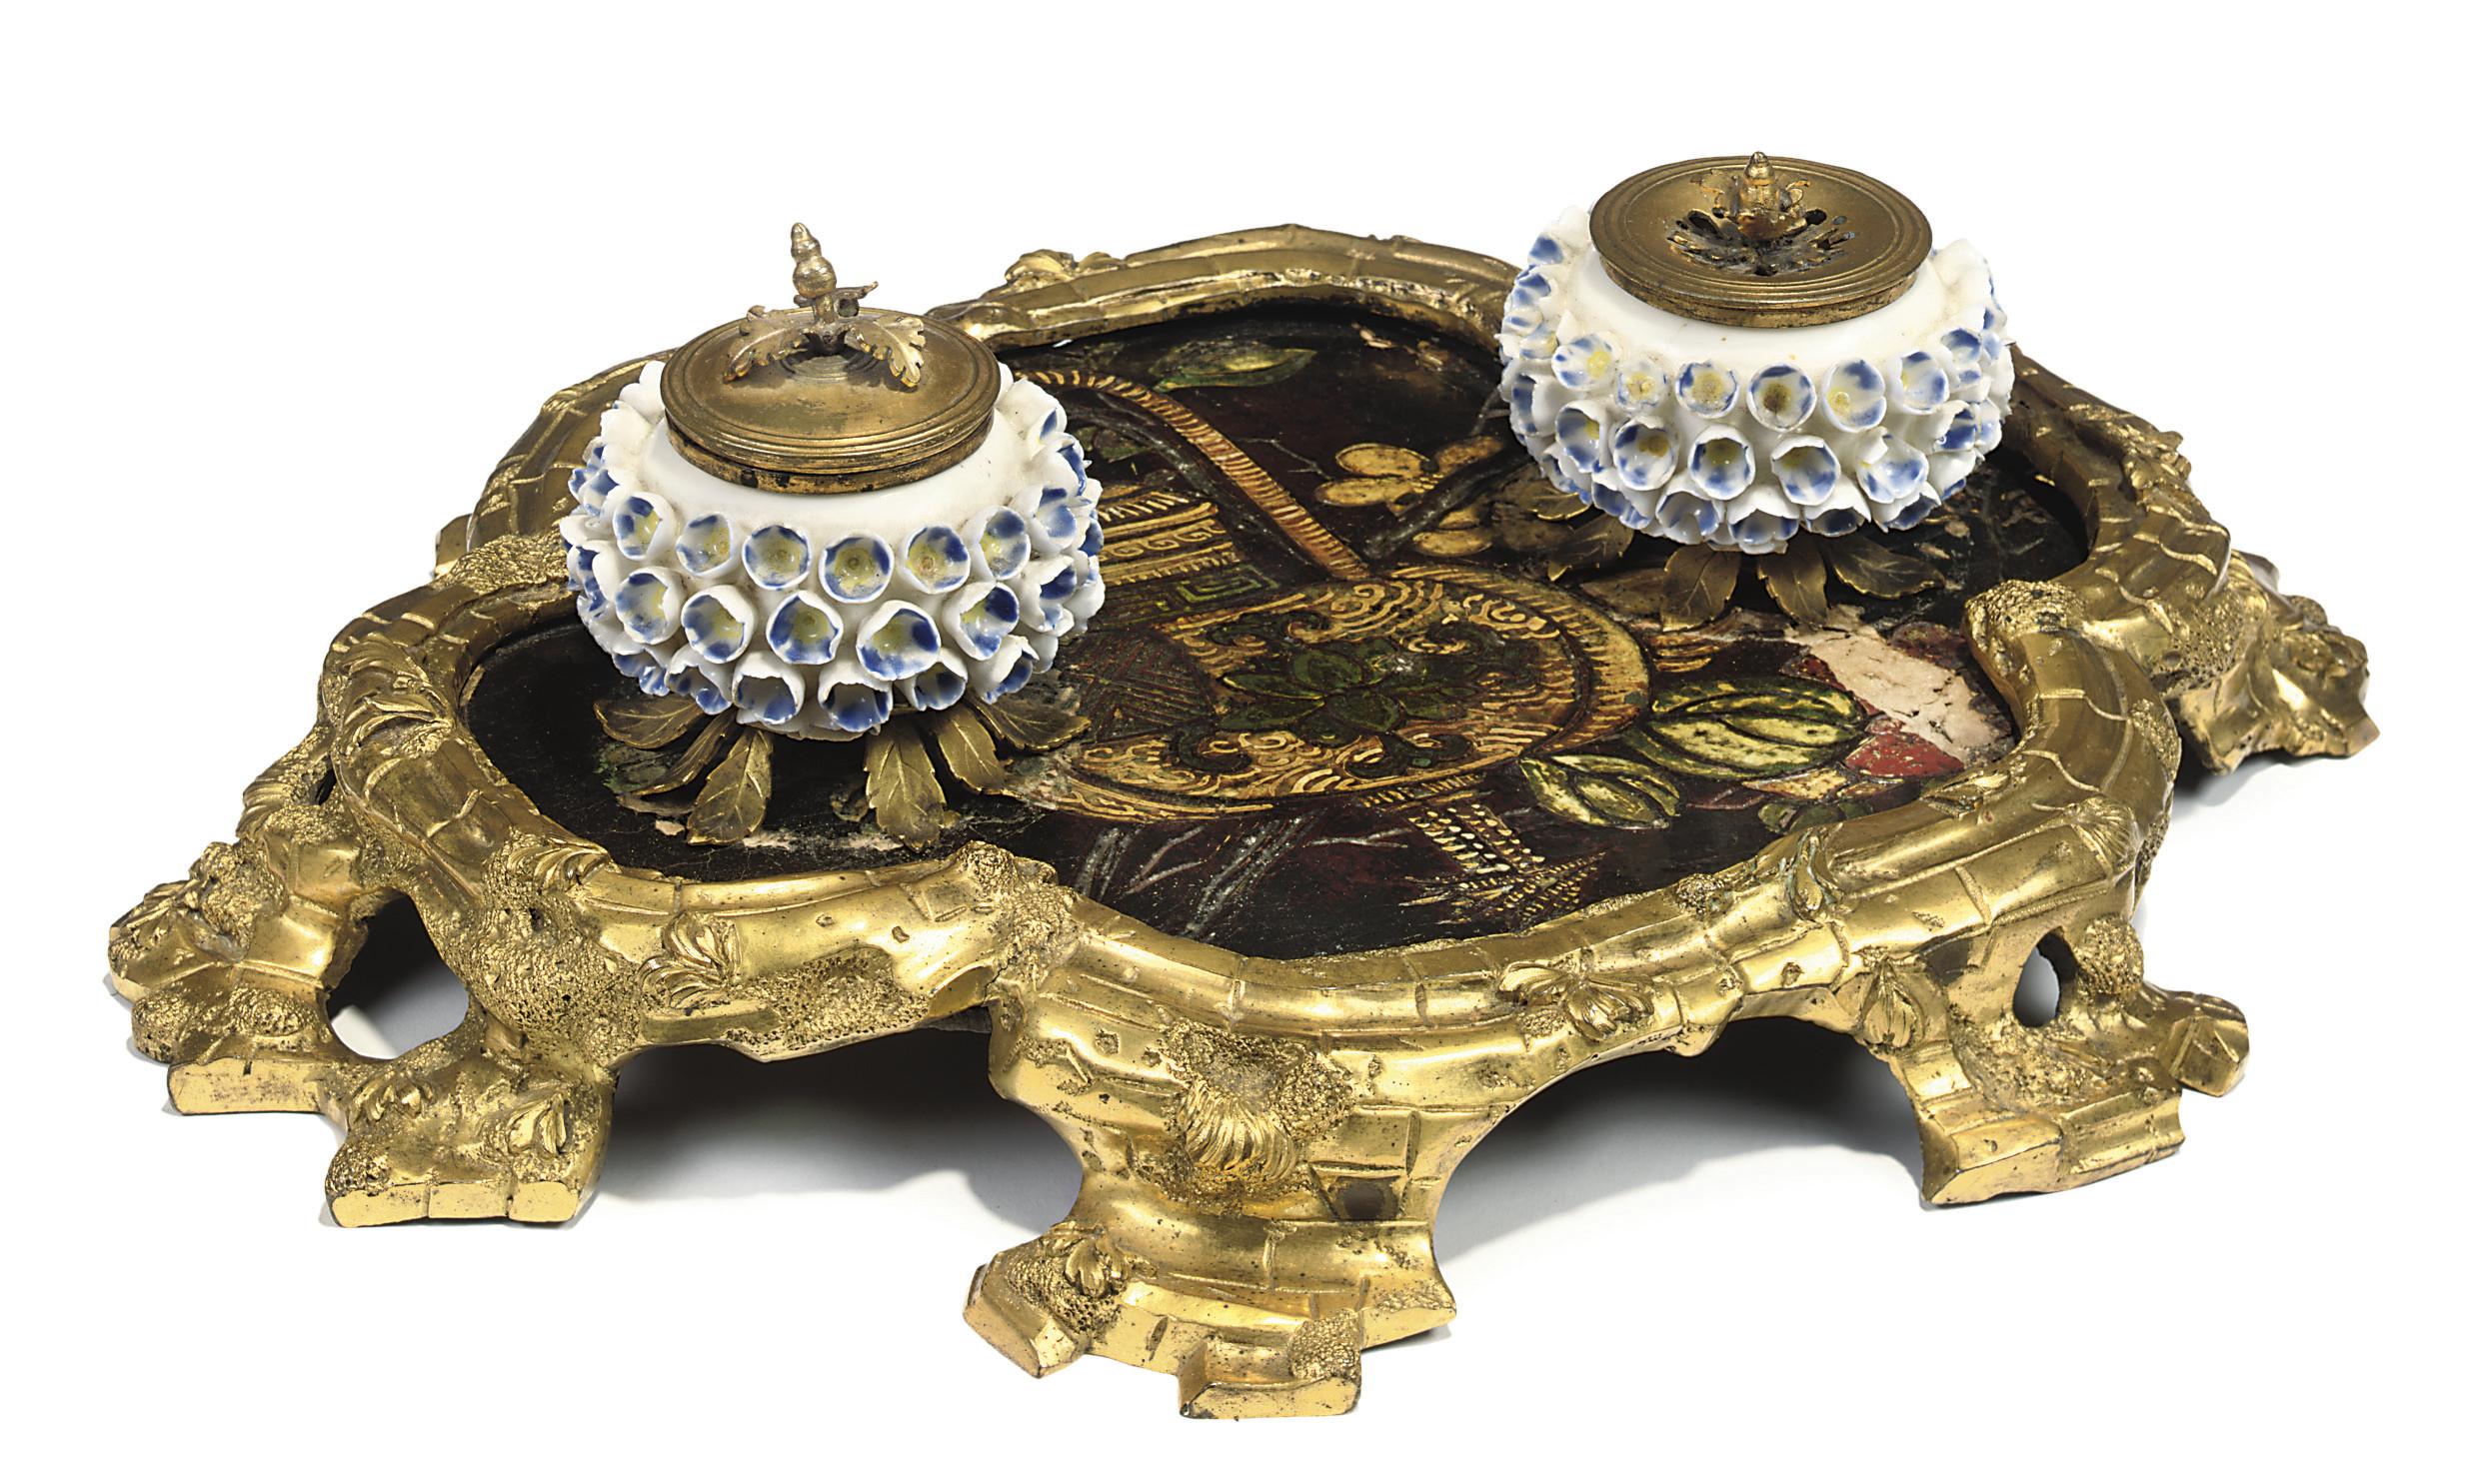 A LOUIS XV ORMOLU AND PORCELAIN-MOUNTED COROMANDEL LACQUER ENCRIER